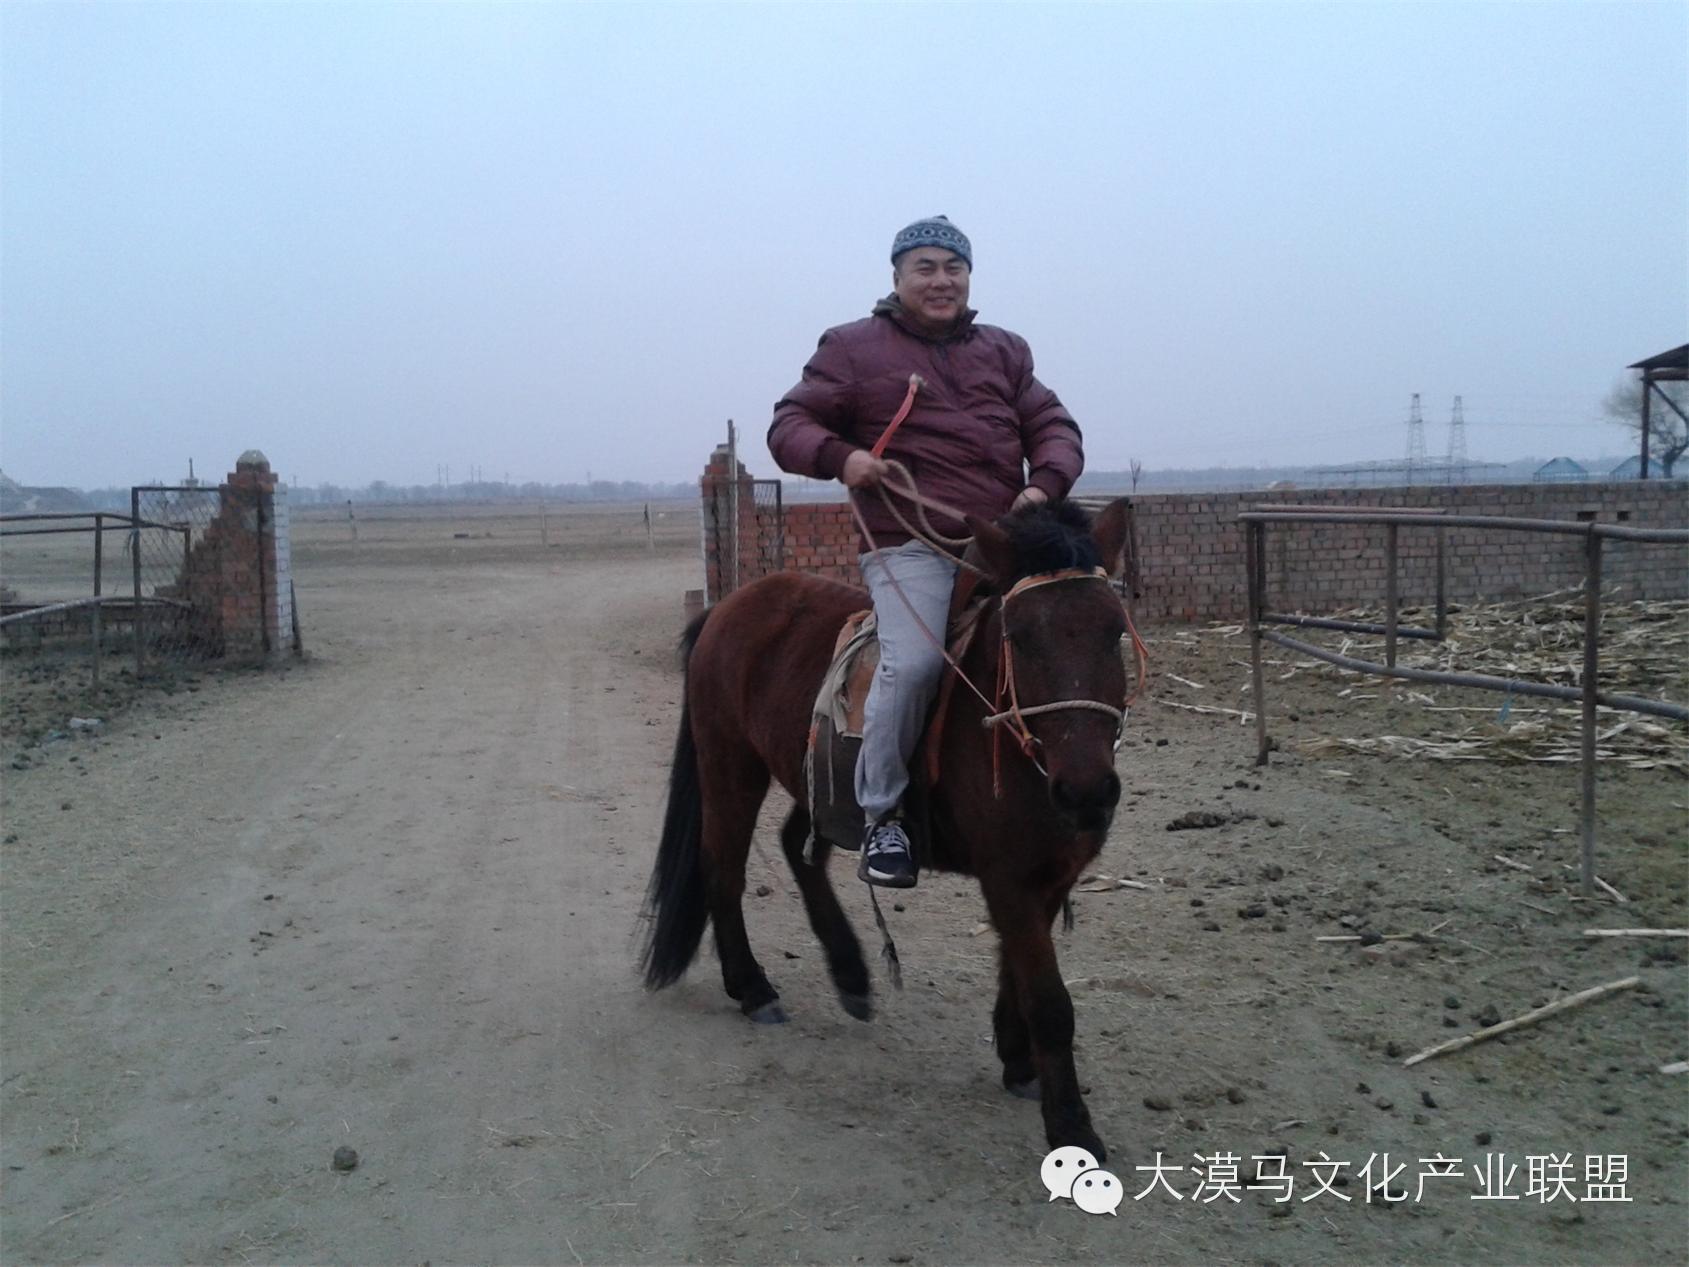 大召当代艺术中心蒙古国画家【拉·苏和巴特尔】 第1张 大召当代艺术中心蒙古国画家【拉·苏和巴特尔】 蒙古画廊